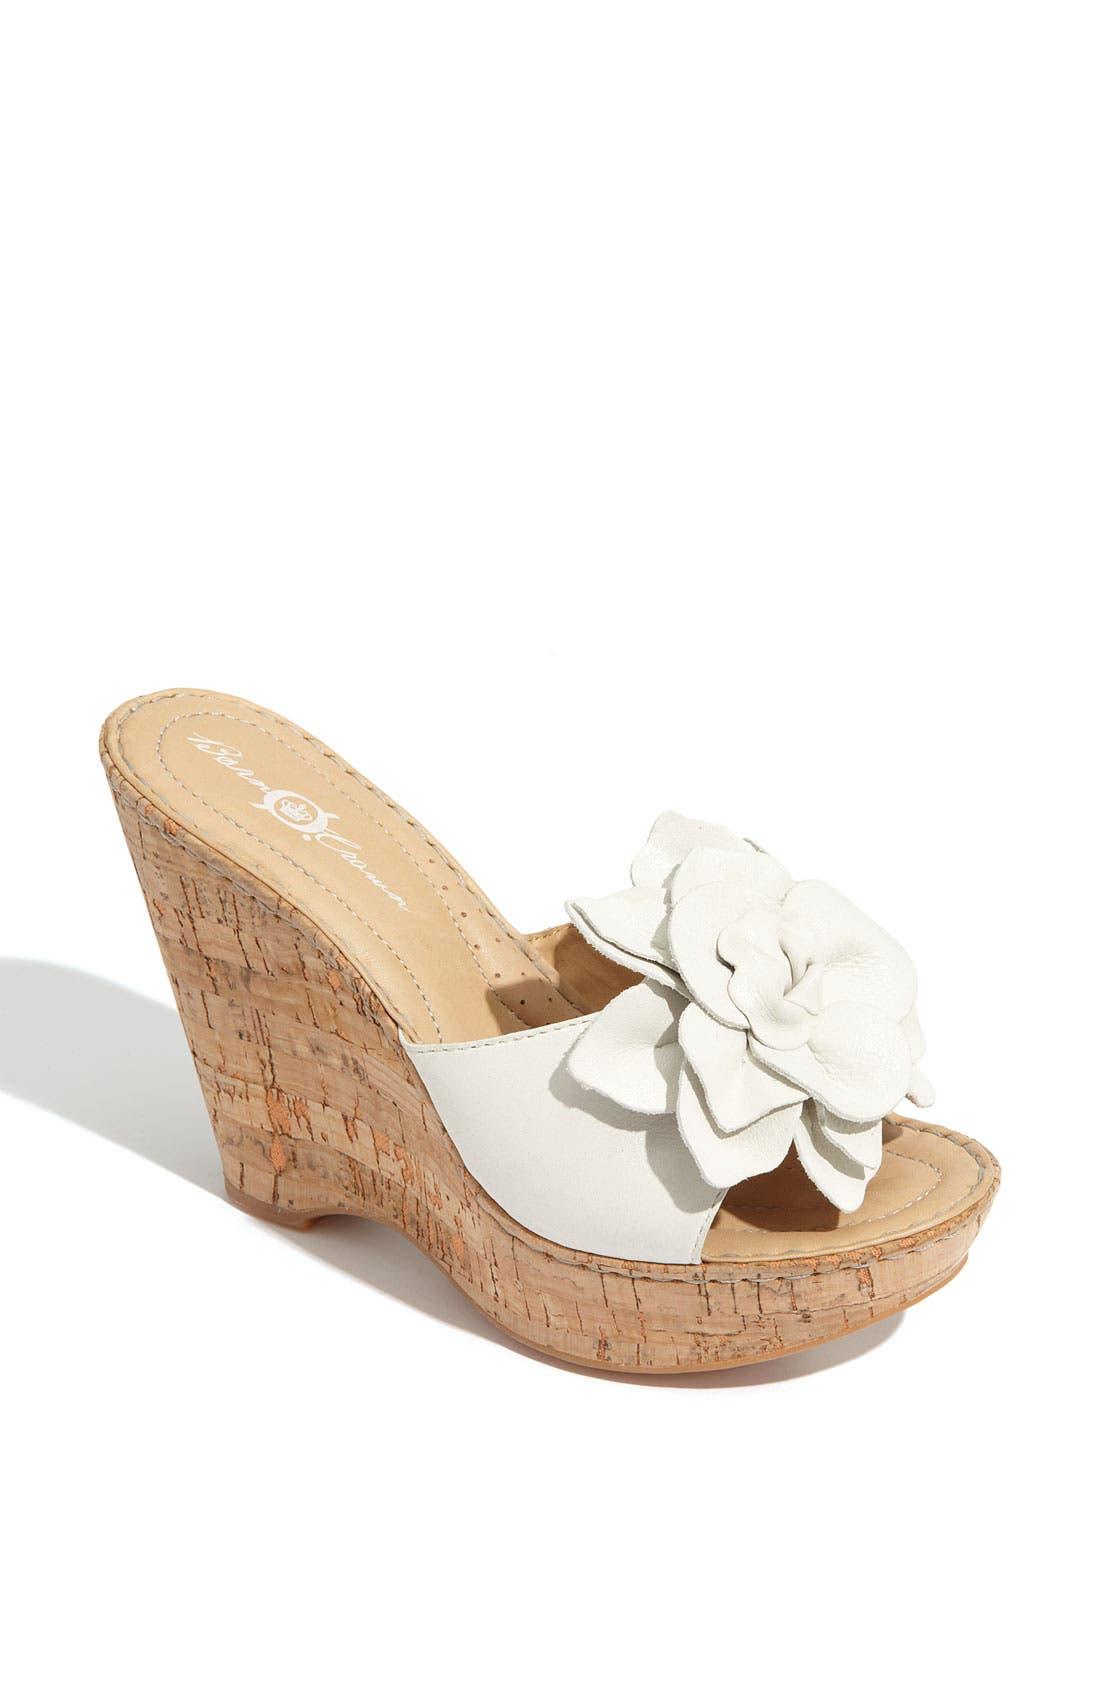 Alternate Image 1 Selected - Børn 'Amaya' Sandal